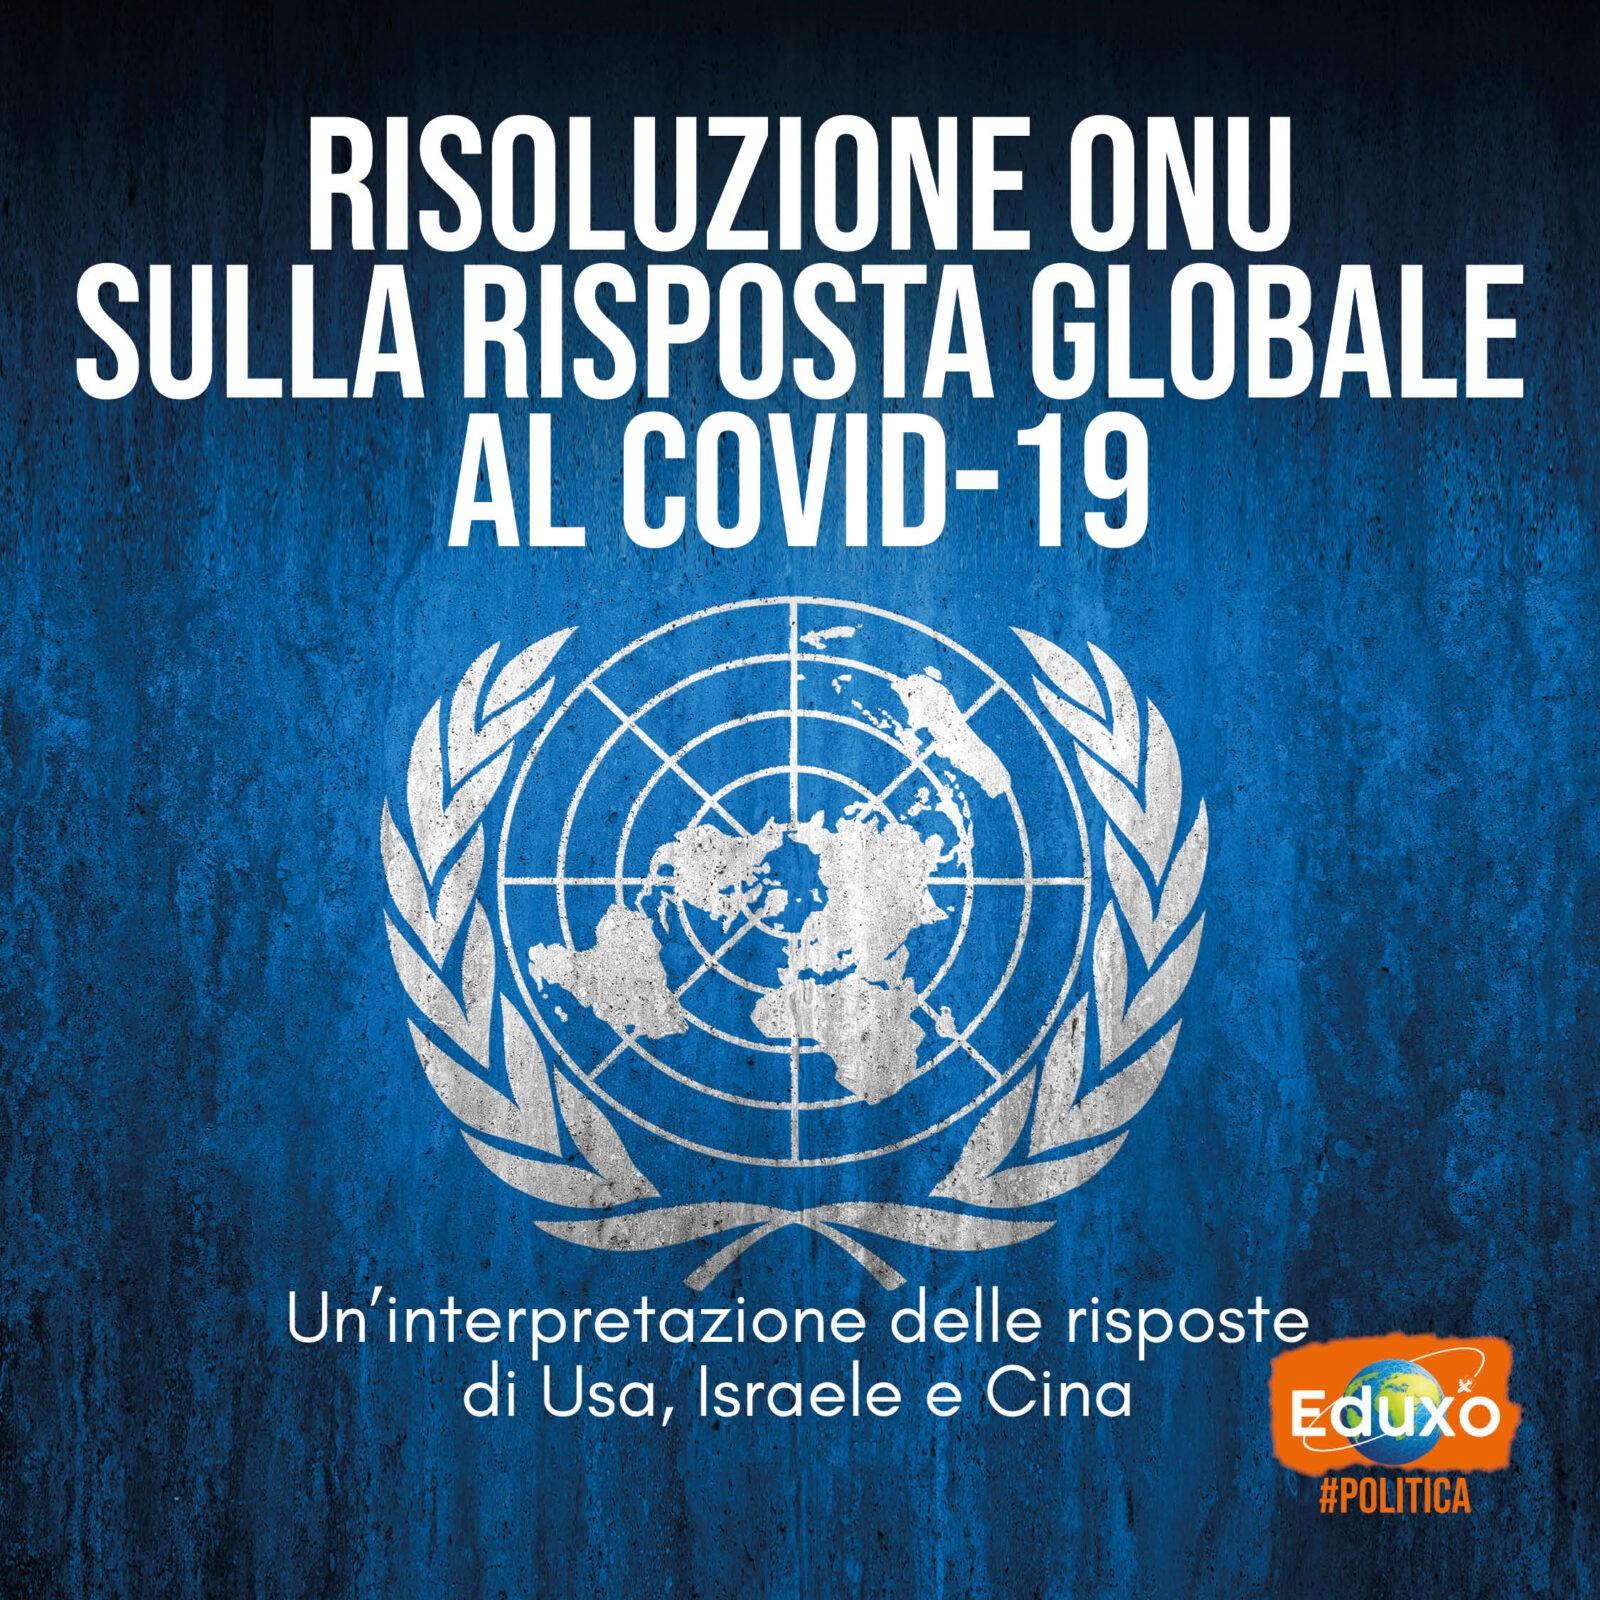 Risoluzione ONU sulla risposta globale al COVID-19: un'interpretazione delle risposte di Usa, Israele e Cina